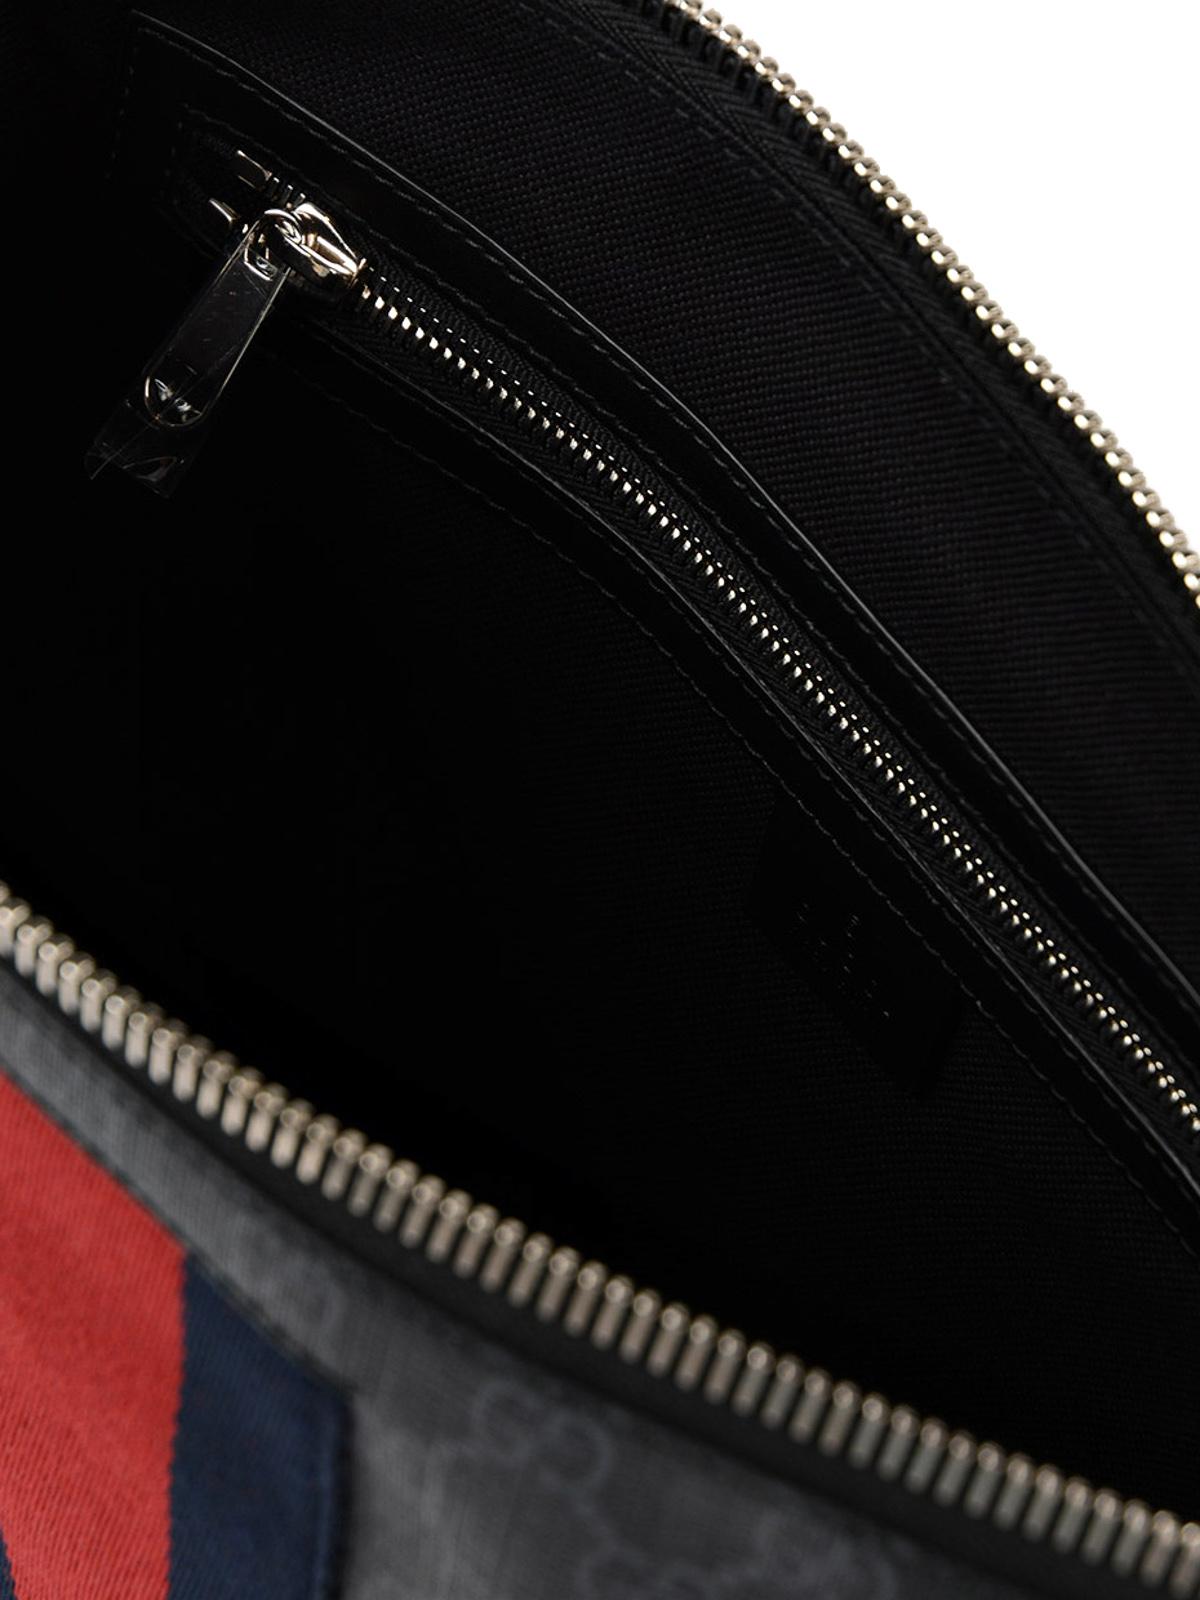 2852f2cfeb6 Gucci - Sylvie Web GG Supreme messenger bag - shoulder bags ...